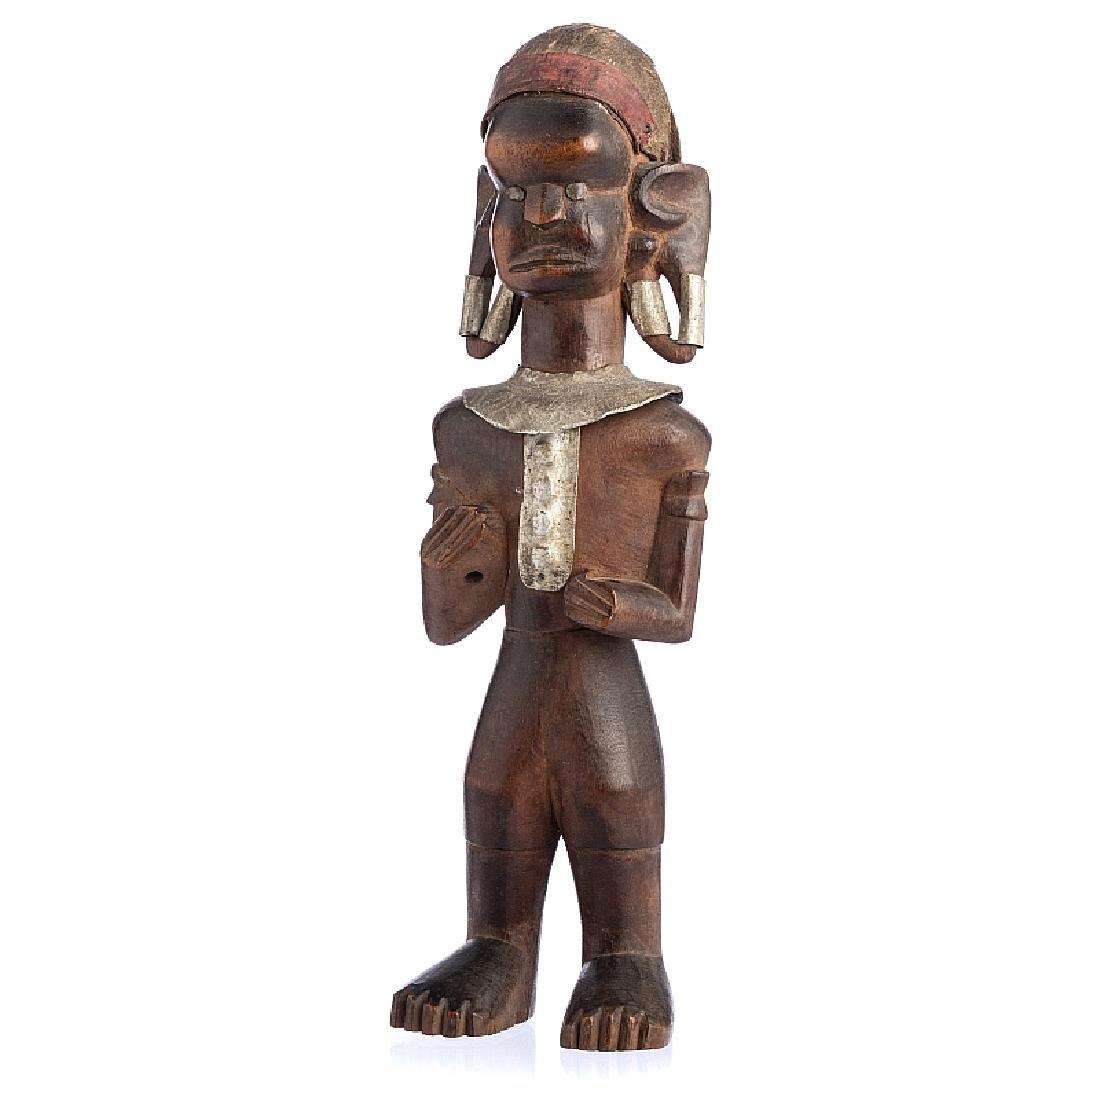 KAMBA - Male figure